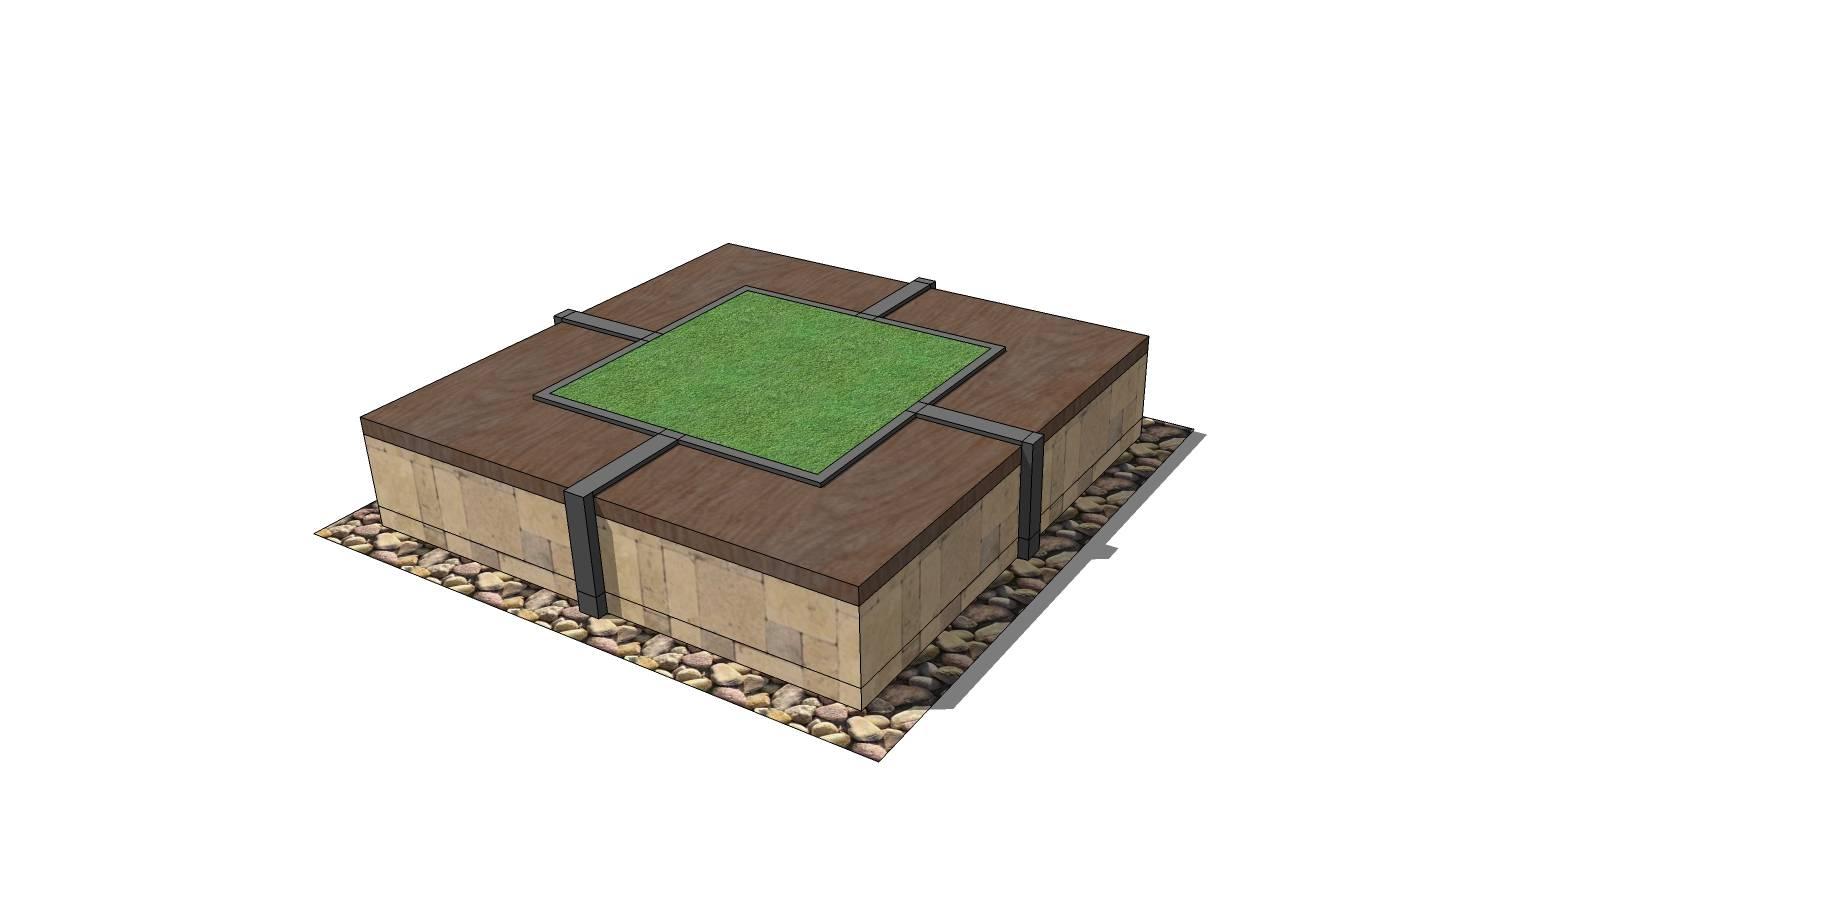 矩形木质树池座椅SU模型